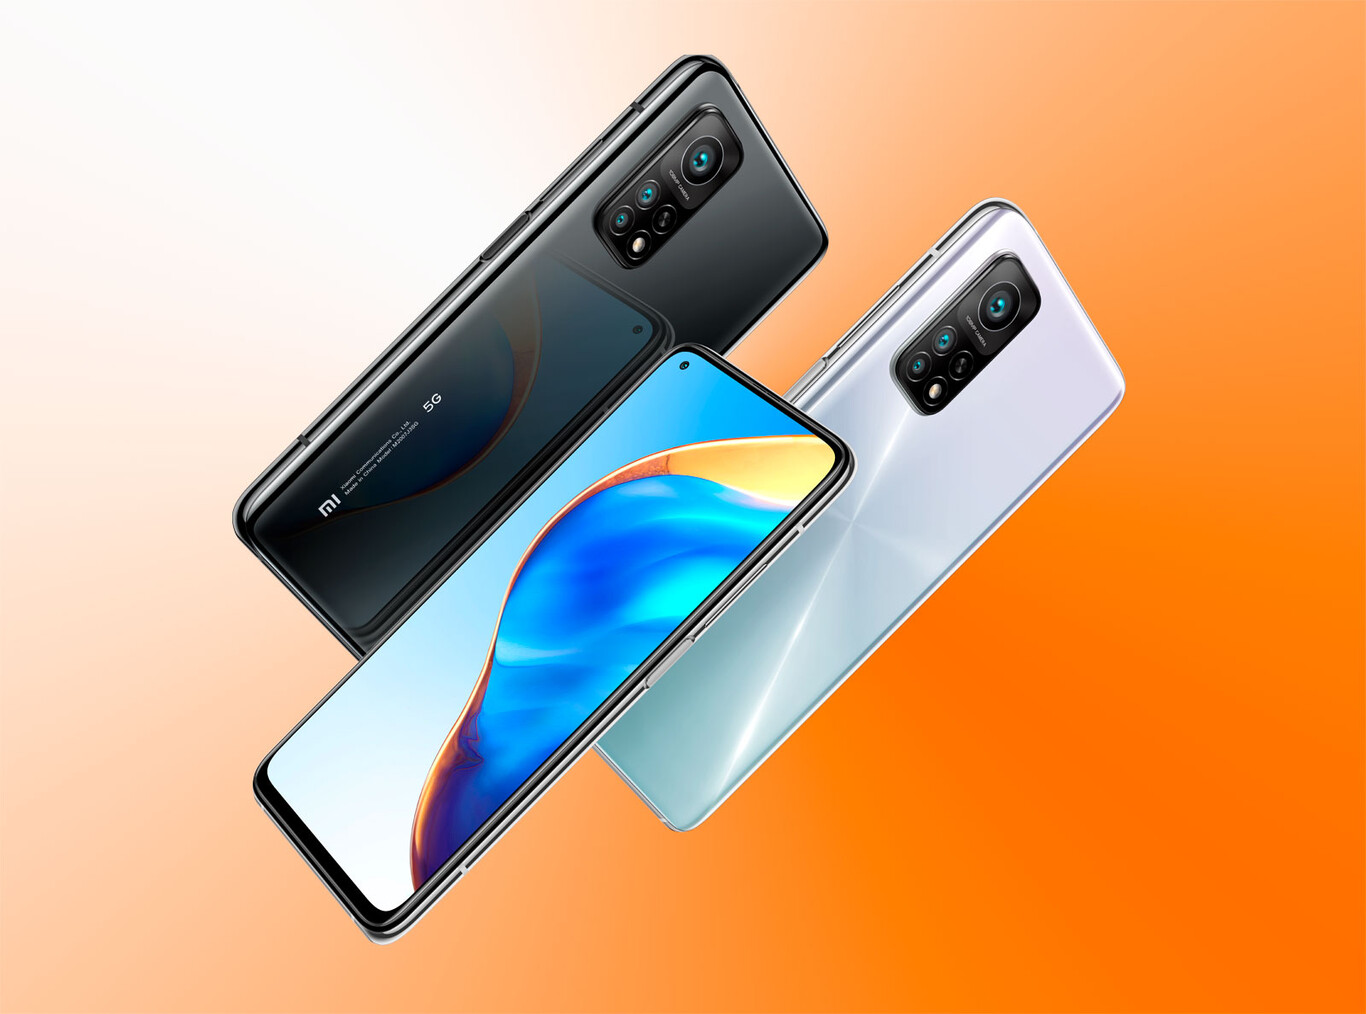 Nuevos Xiaomi Mi 10T y Mi 10T Pro: características, precio y ficha técnica